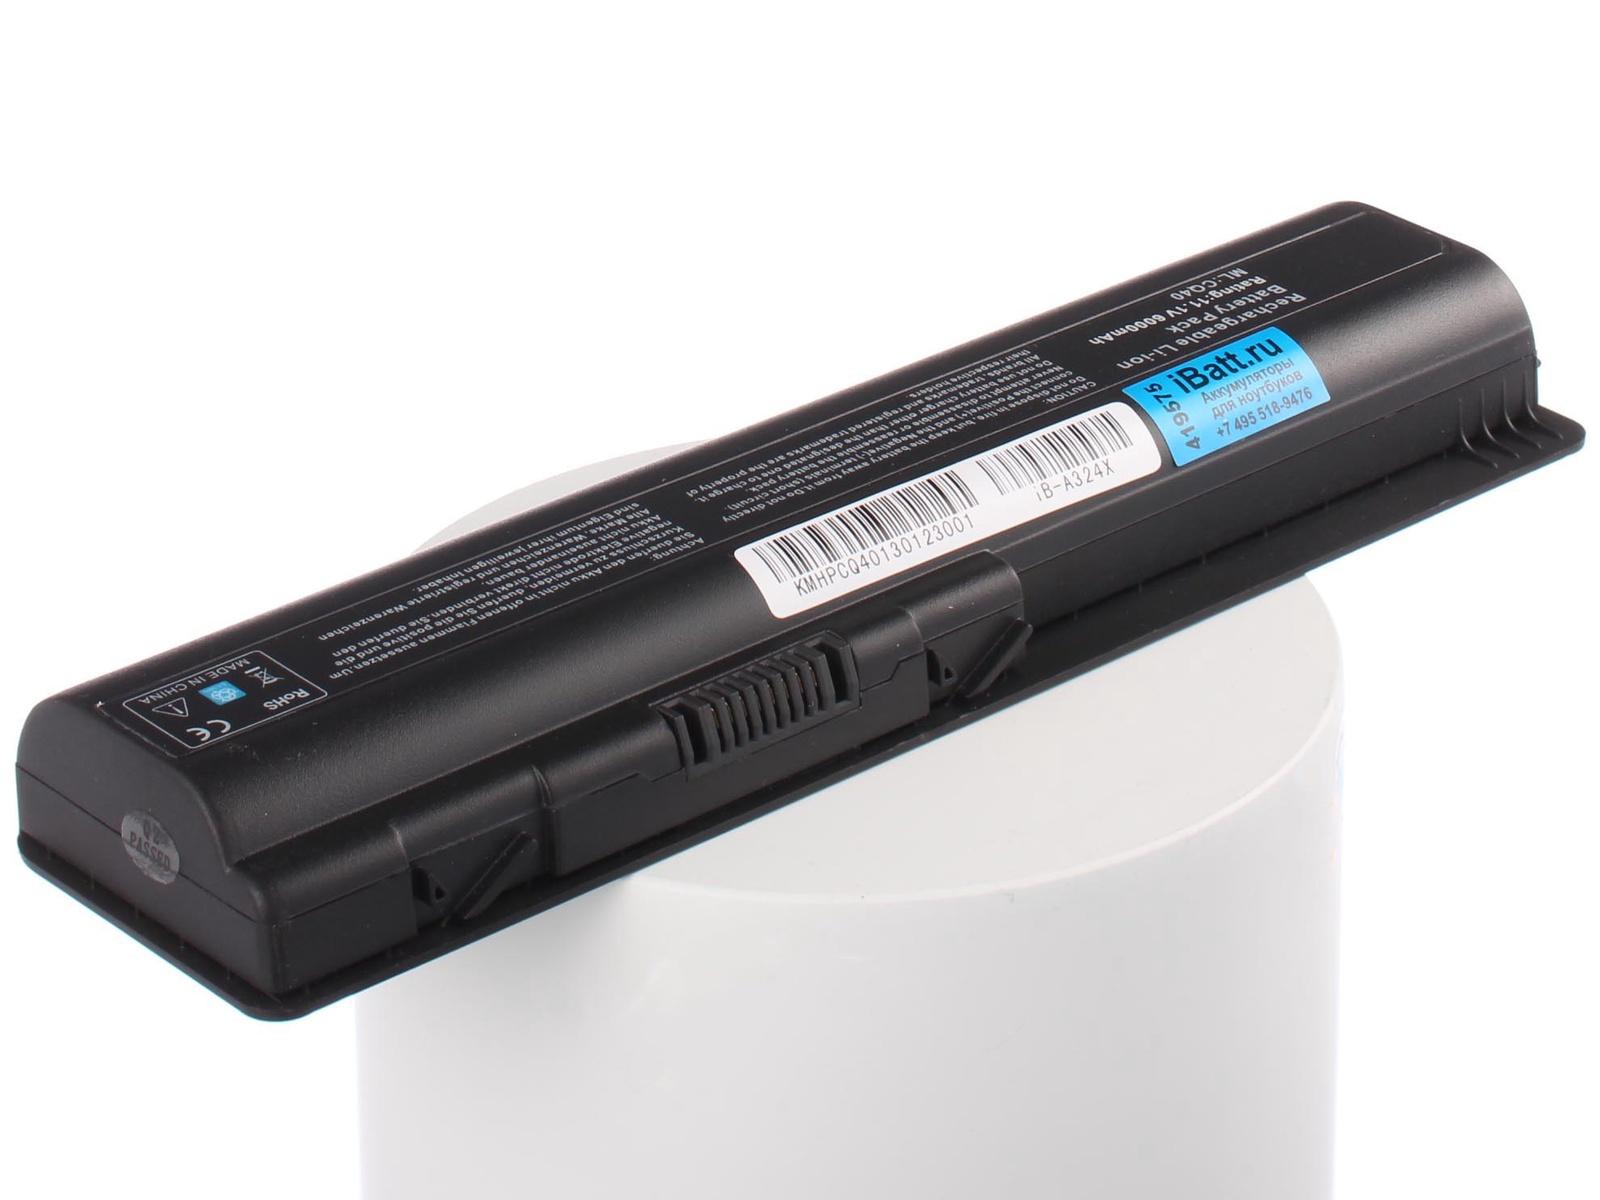 Аккумулятор для ноутбука iBatt для HP-Compaq Pavilion dv6-1225er, Presario CQ61-315ER, Presario CQ61-331ER, Pavilion dv6-1300, Presario CQ71-302ER, Presario CQ71-320ER, Presario CQ45, Pavilion dv5-1125nr, Presario CQ61-205ER iBatt